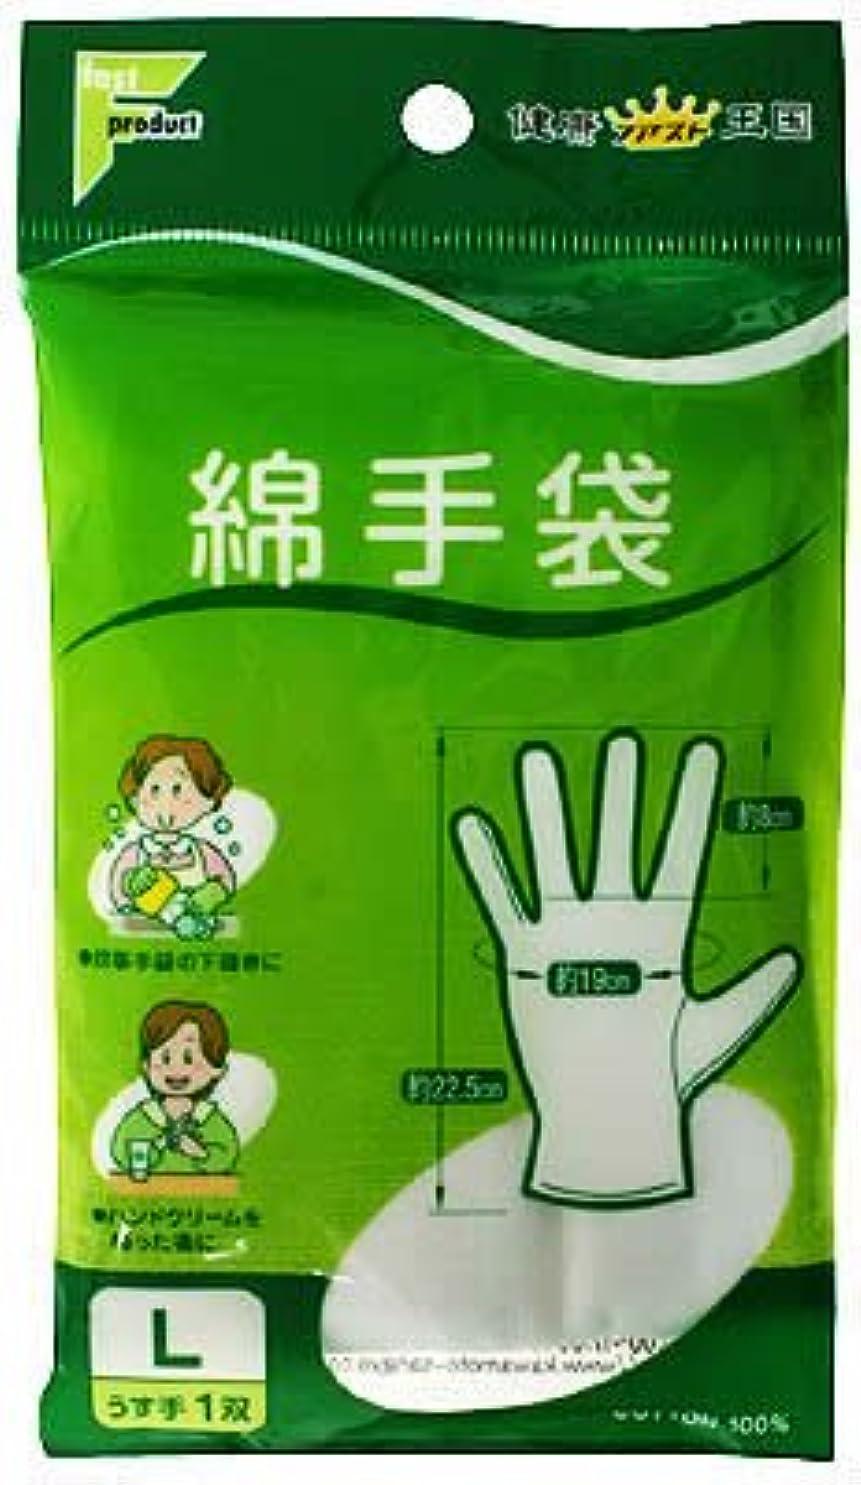 リッチ愚か限定フアスト綿手袋L 1双入